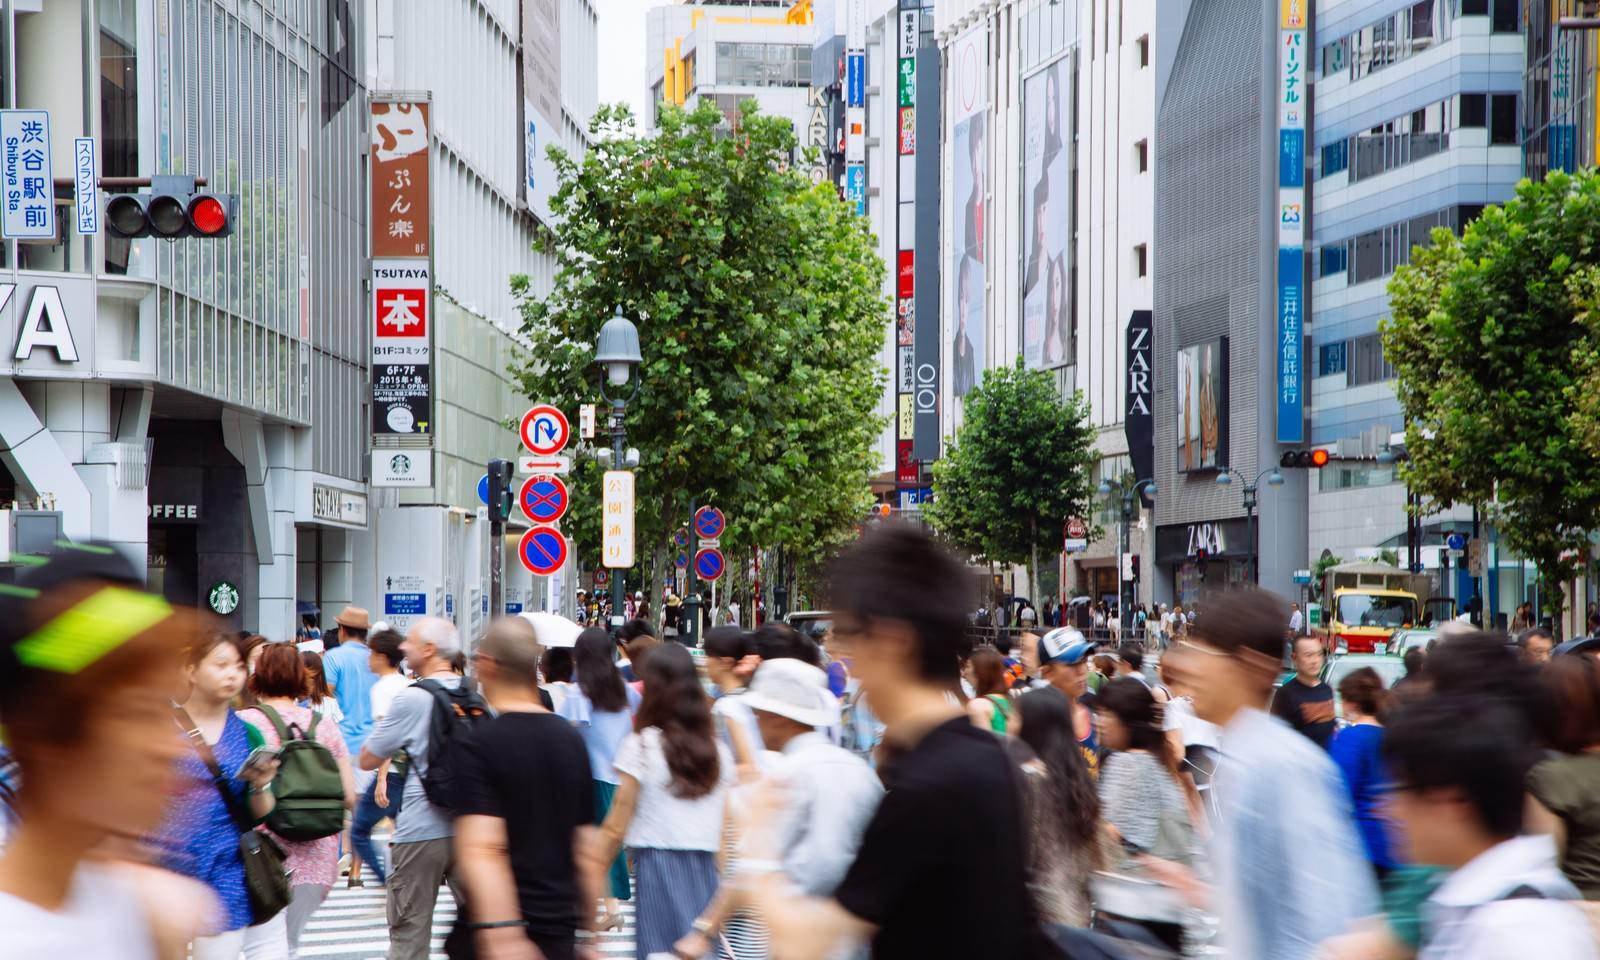 「人混みでごった返す渋谷駅前スクランブル人混みでごった返す渋谷駅前スクランブル」のフリー写真素材を拡大